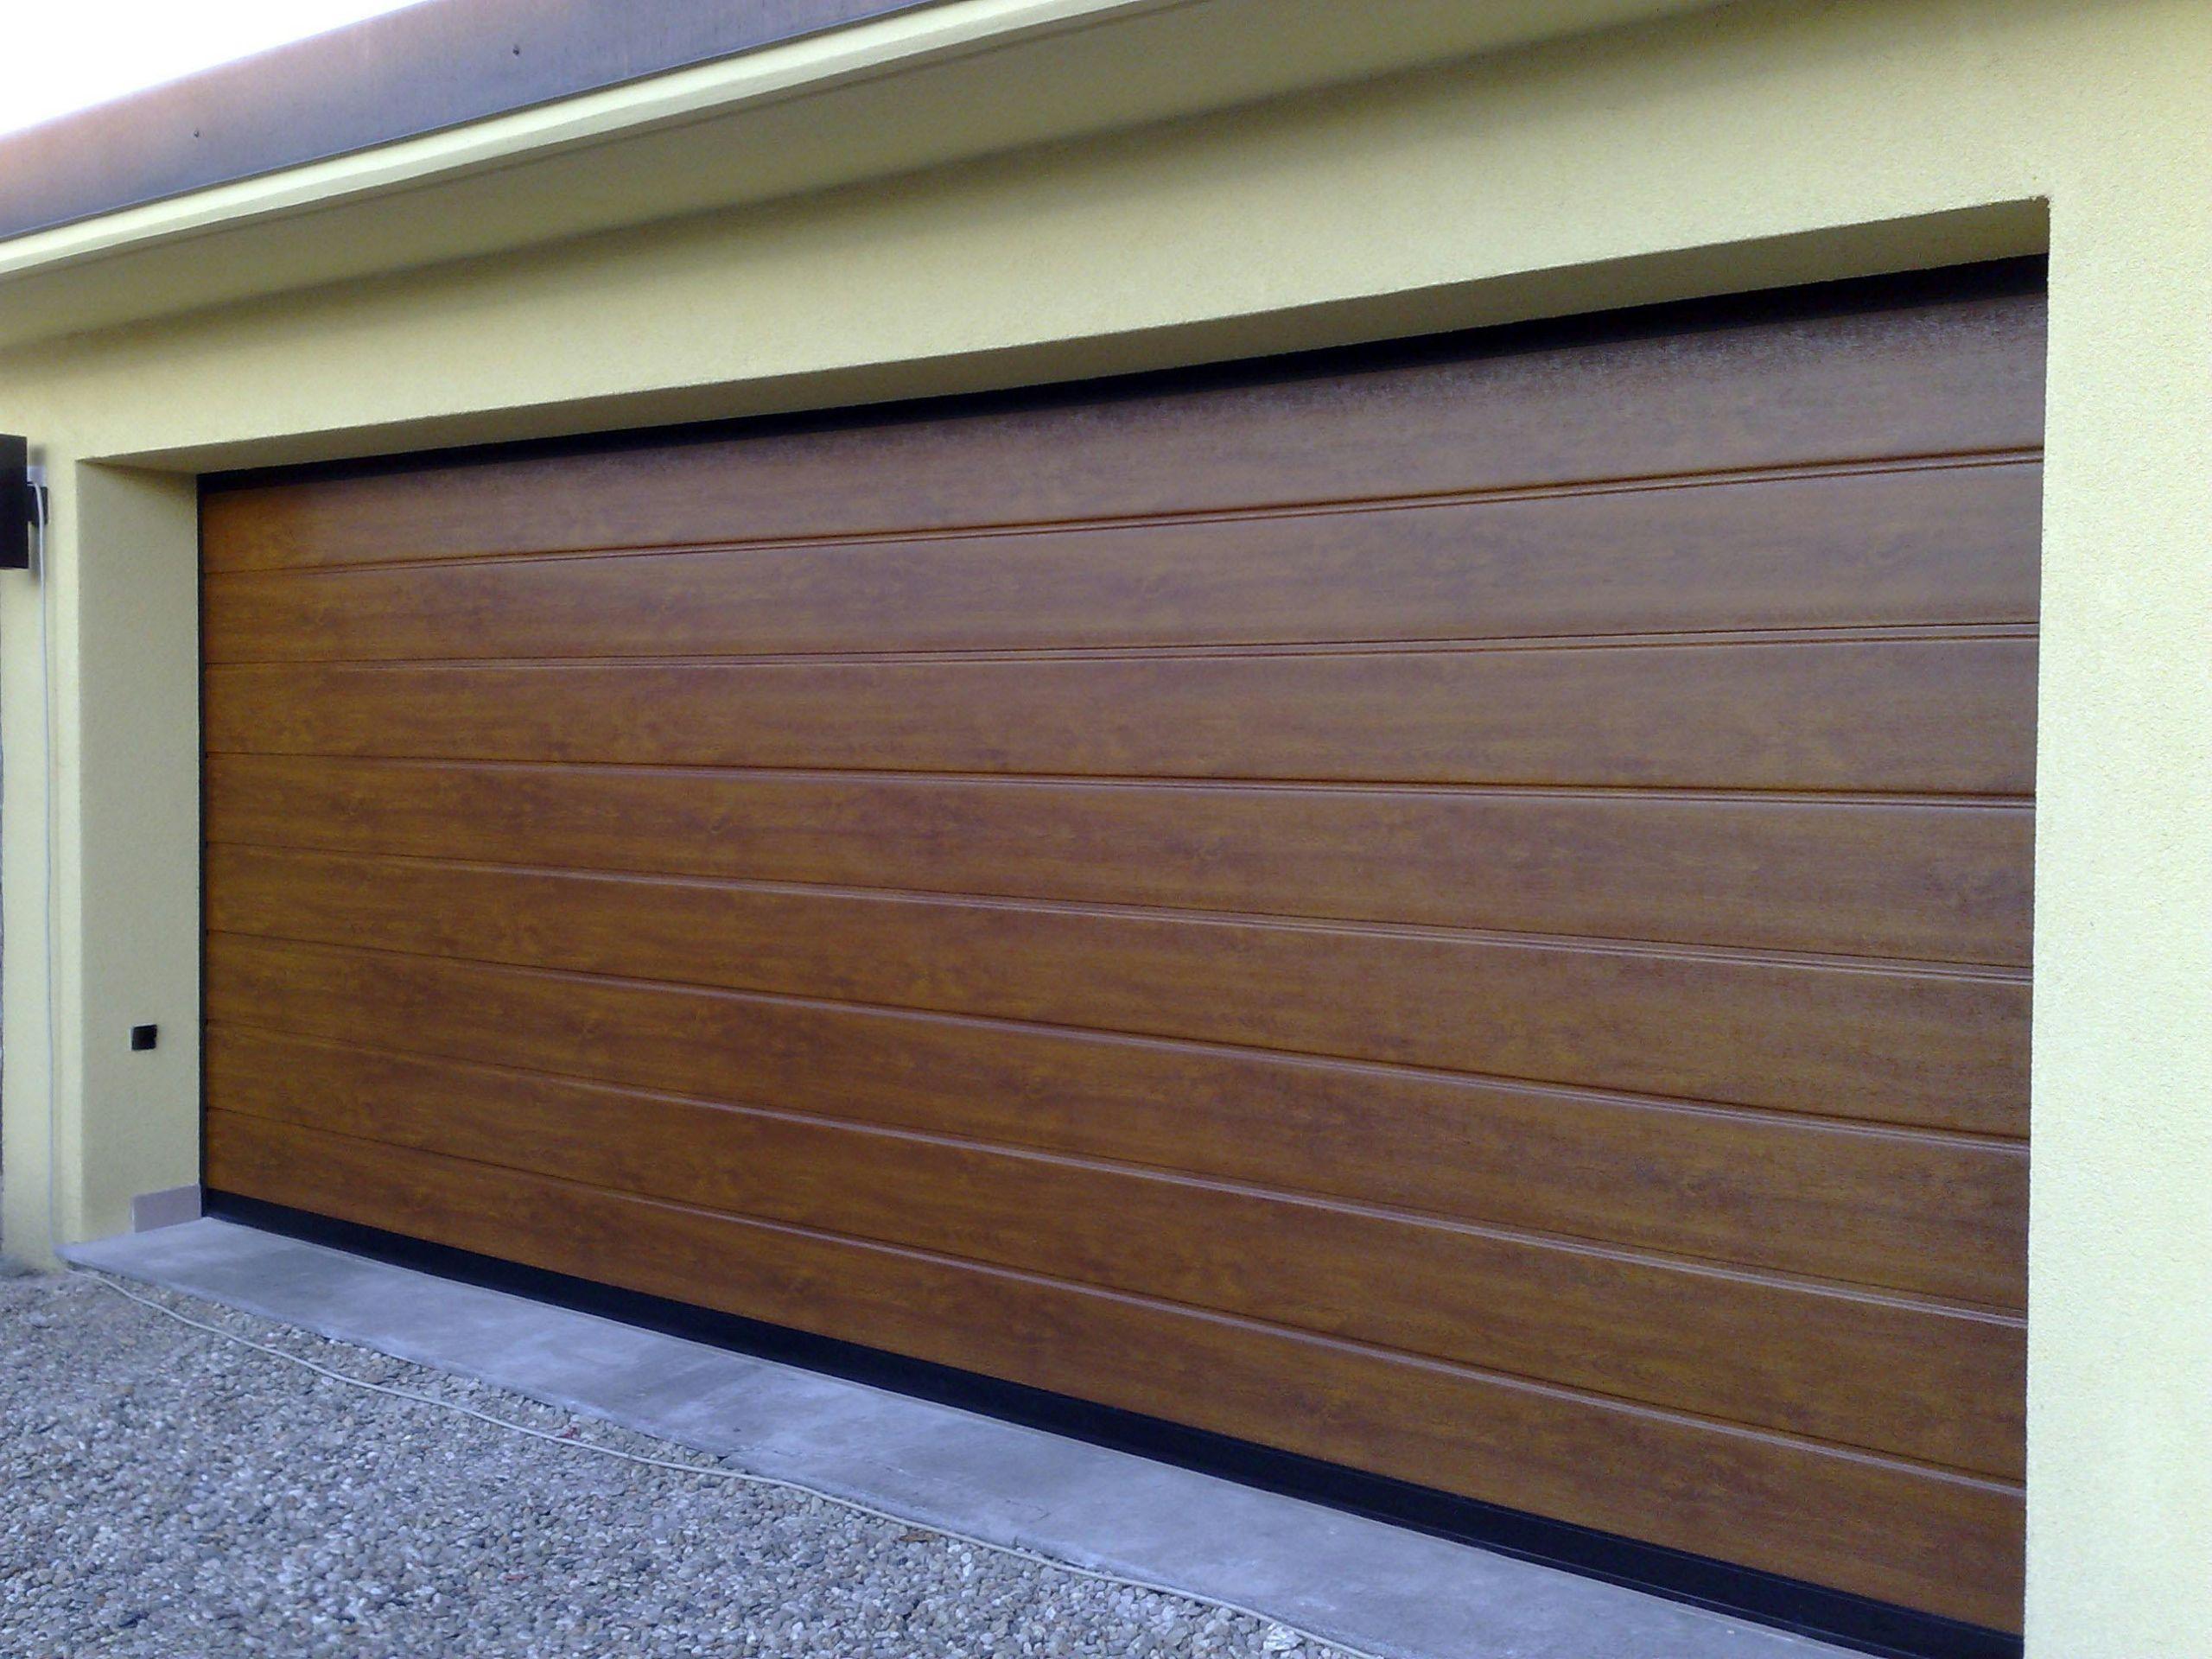 Puerta de garaje seccional italdoor apz by italpannelli - Puerta garaje seccional ...